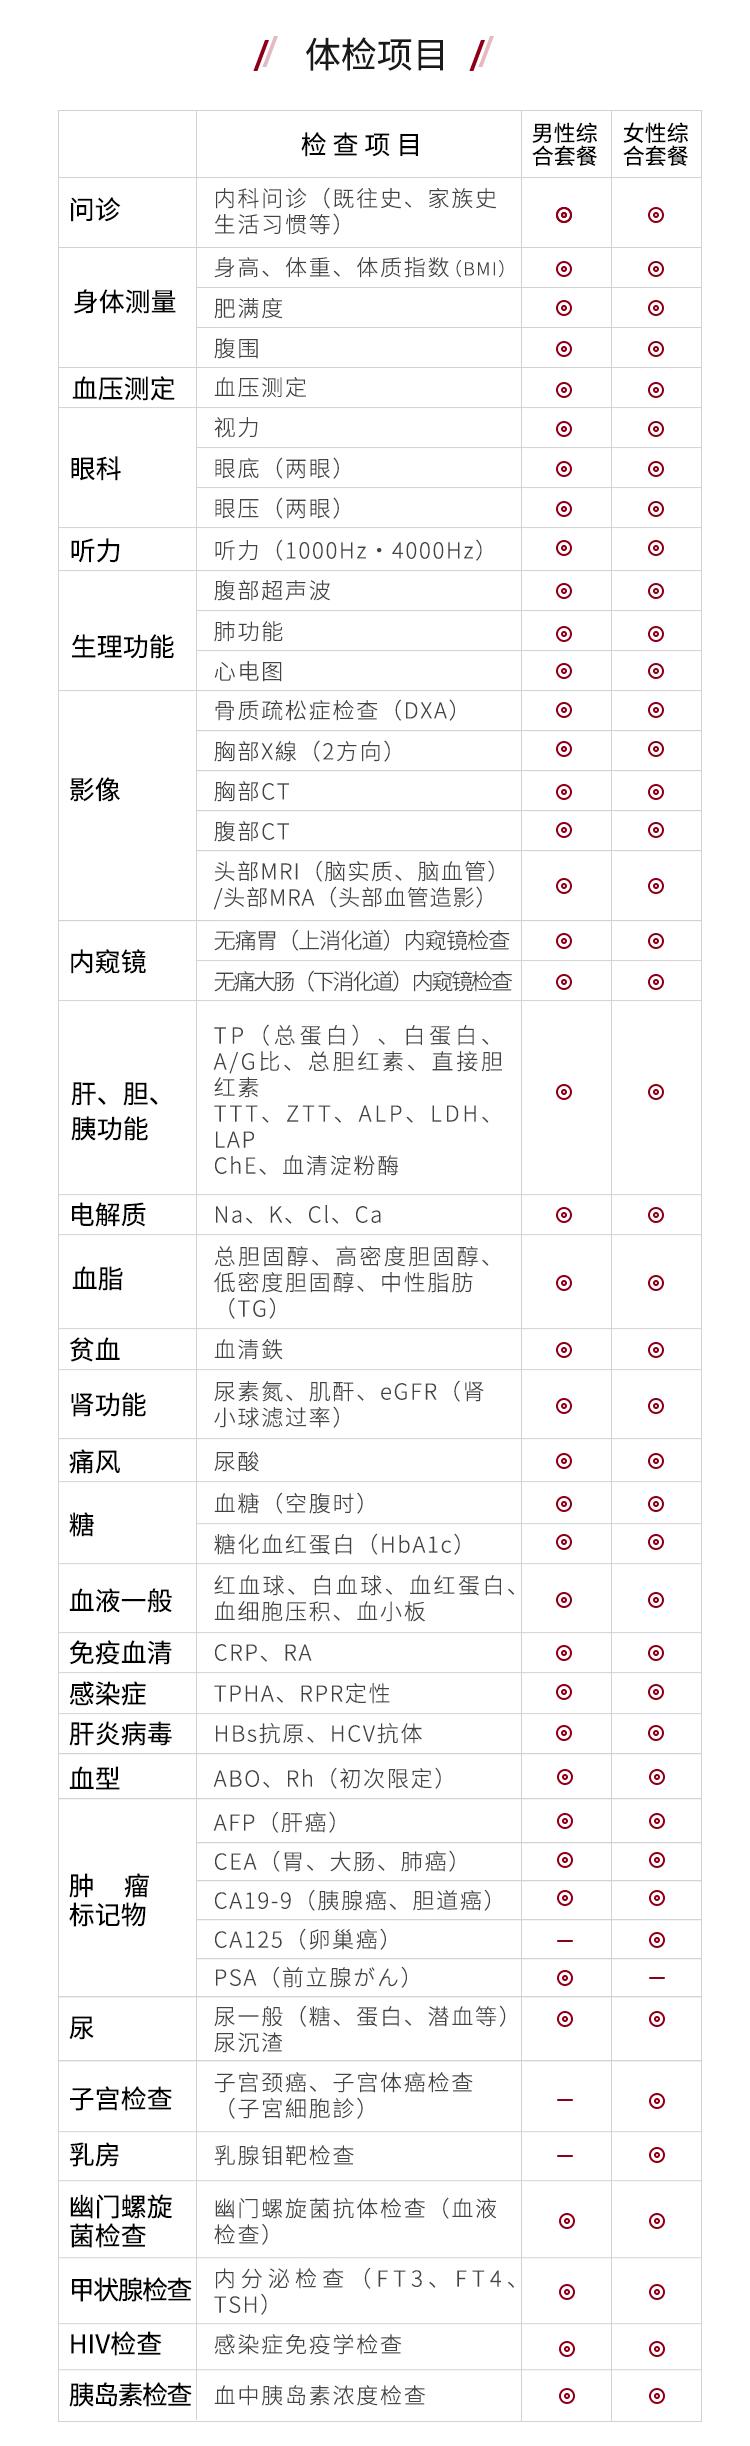 日本体检修改7.23修改_05.png